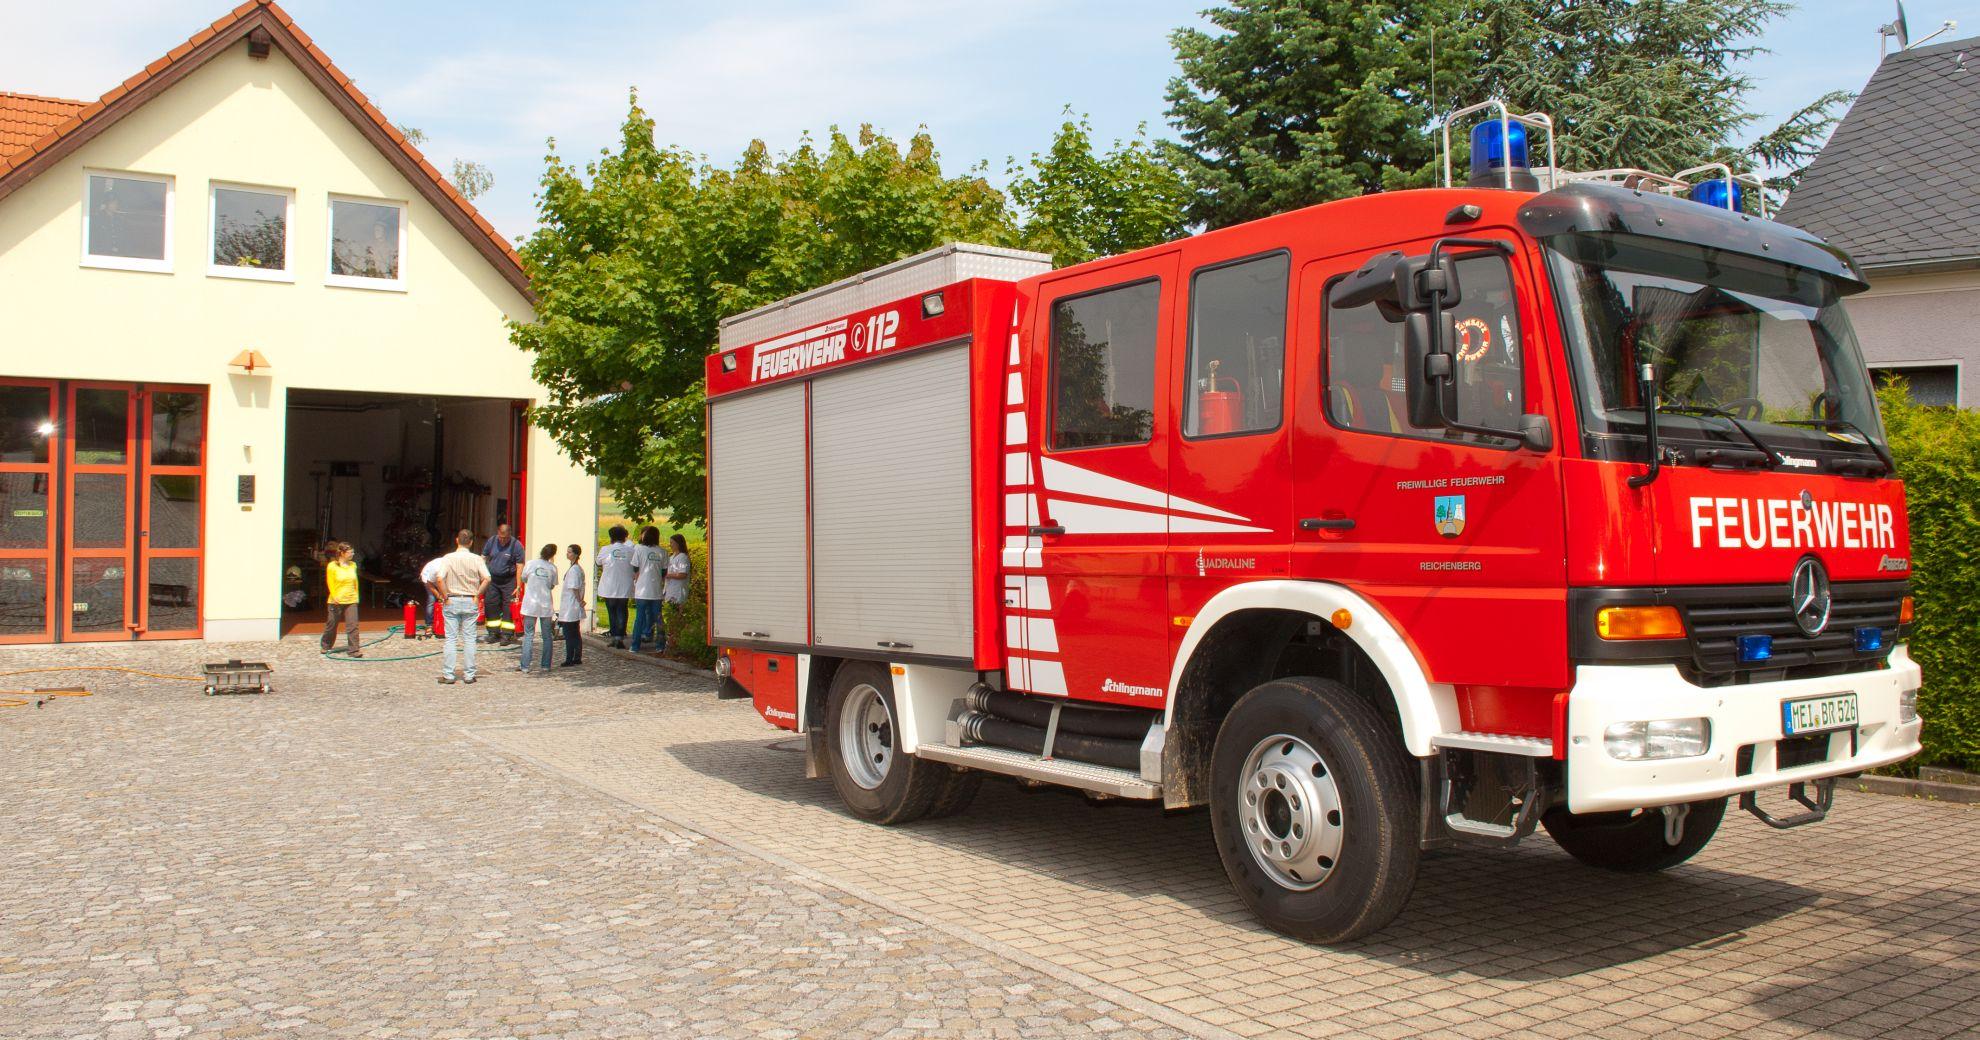 Calando Pflegedienst beim Feuerlöschtraining: Das erlebte unser Team